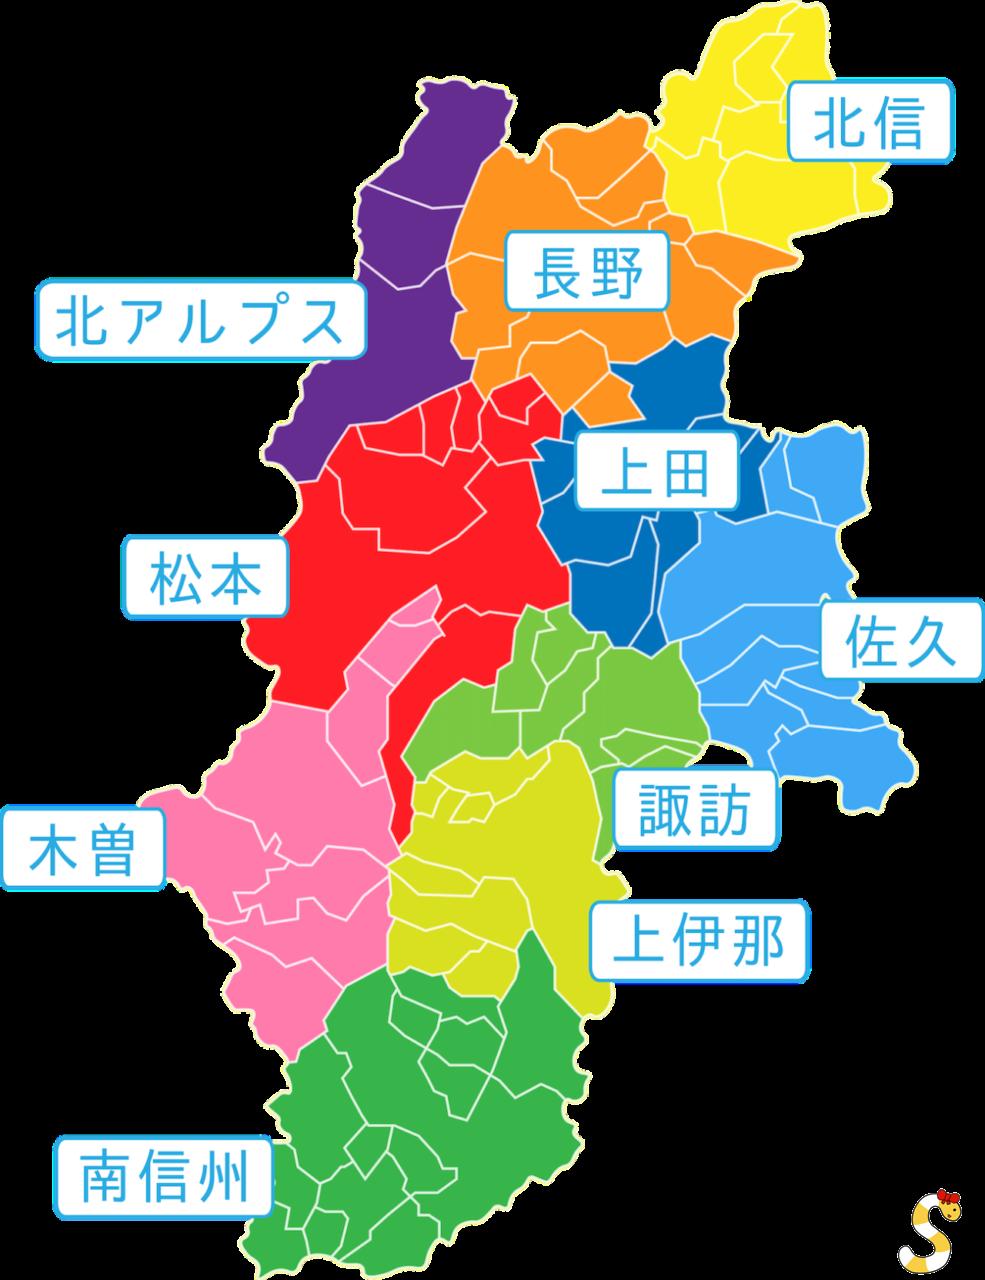 9区分長野県